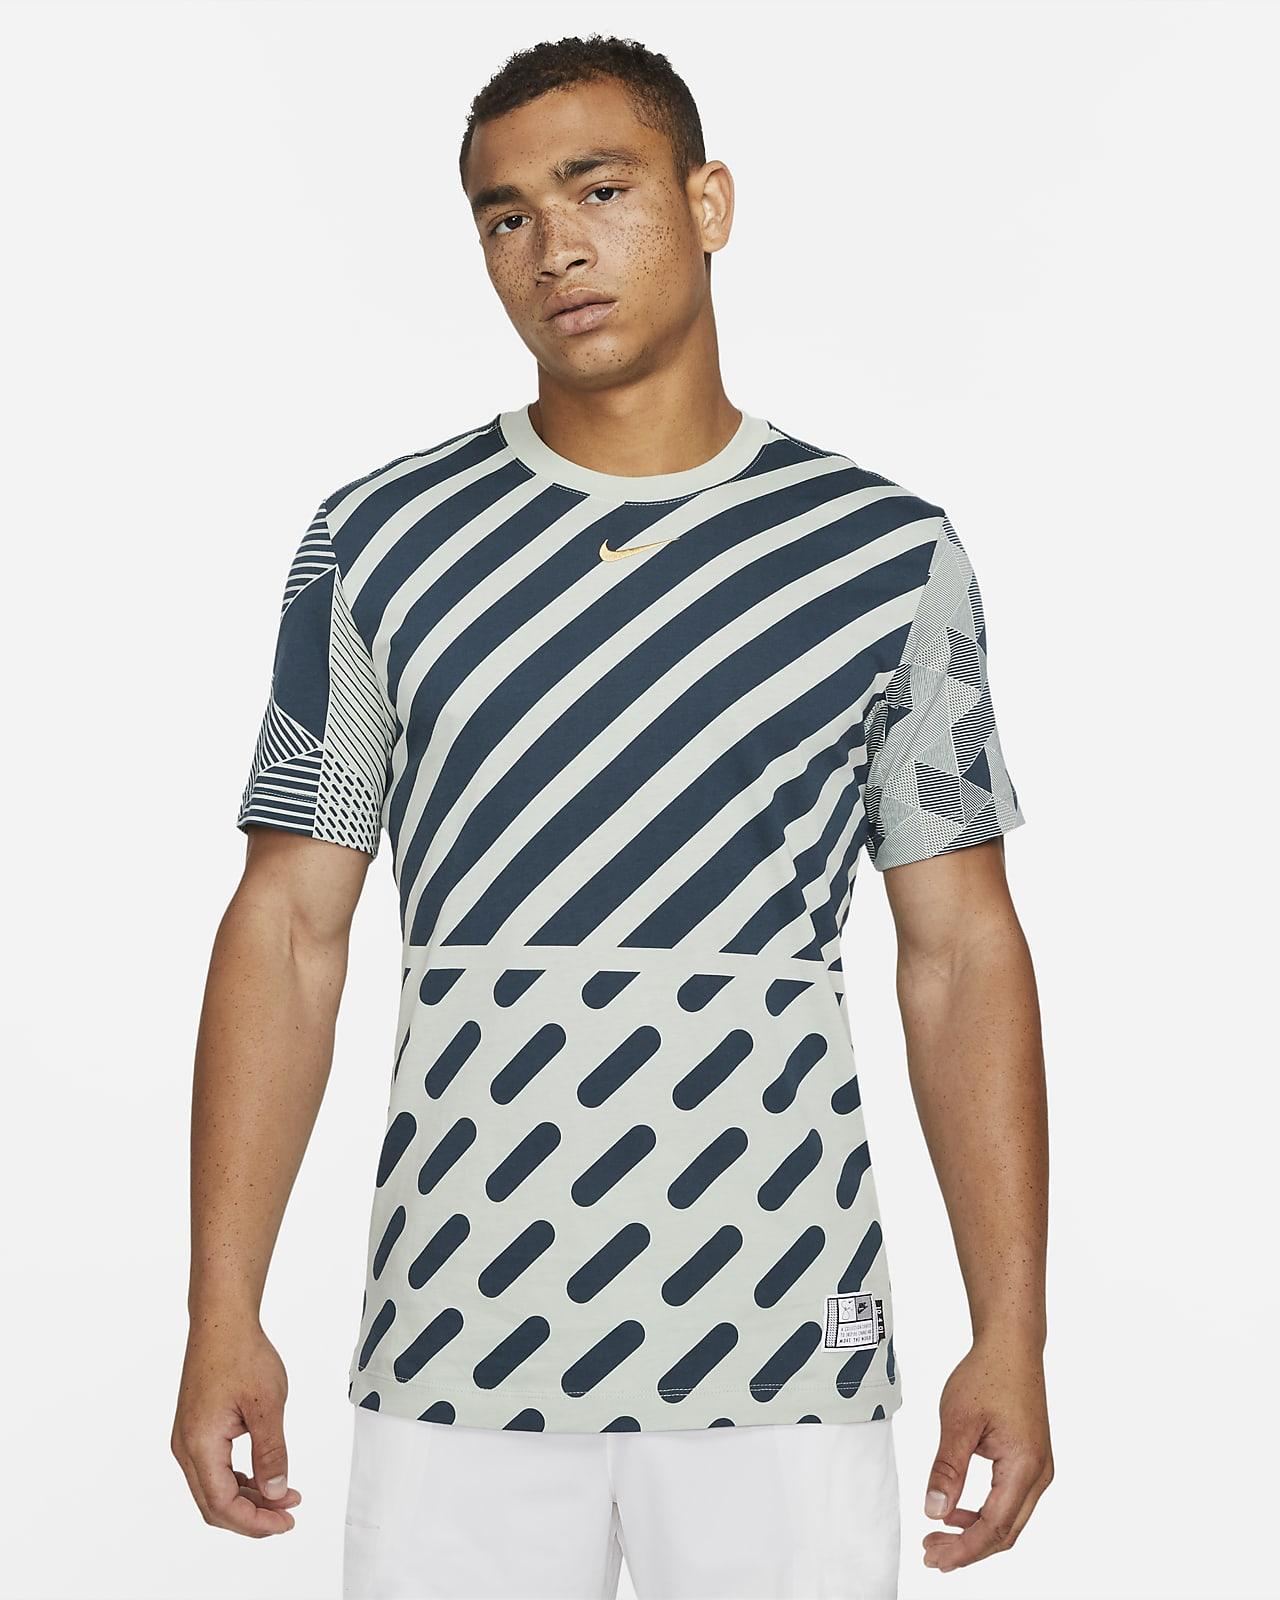 Serena Design Crew Tennis-T-Shirt mit Grafik